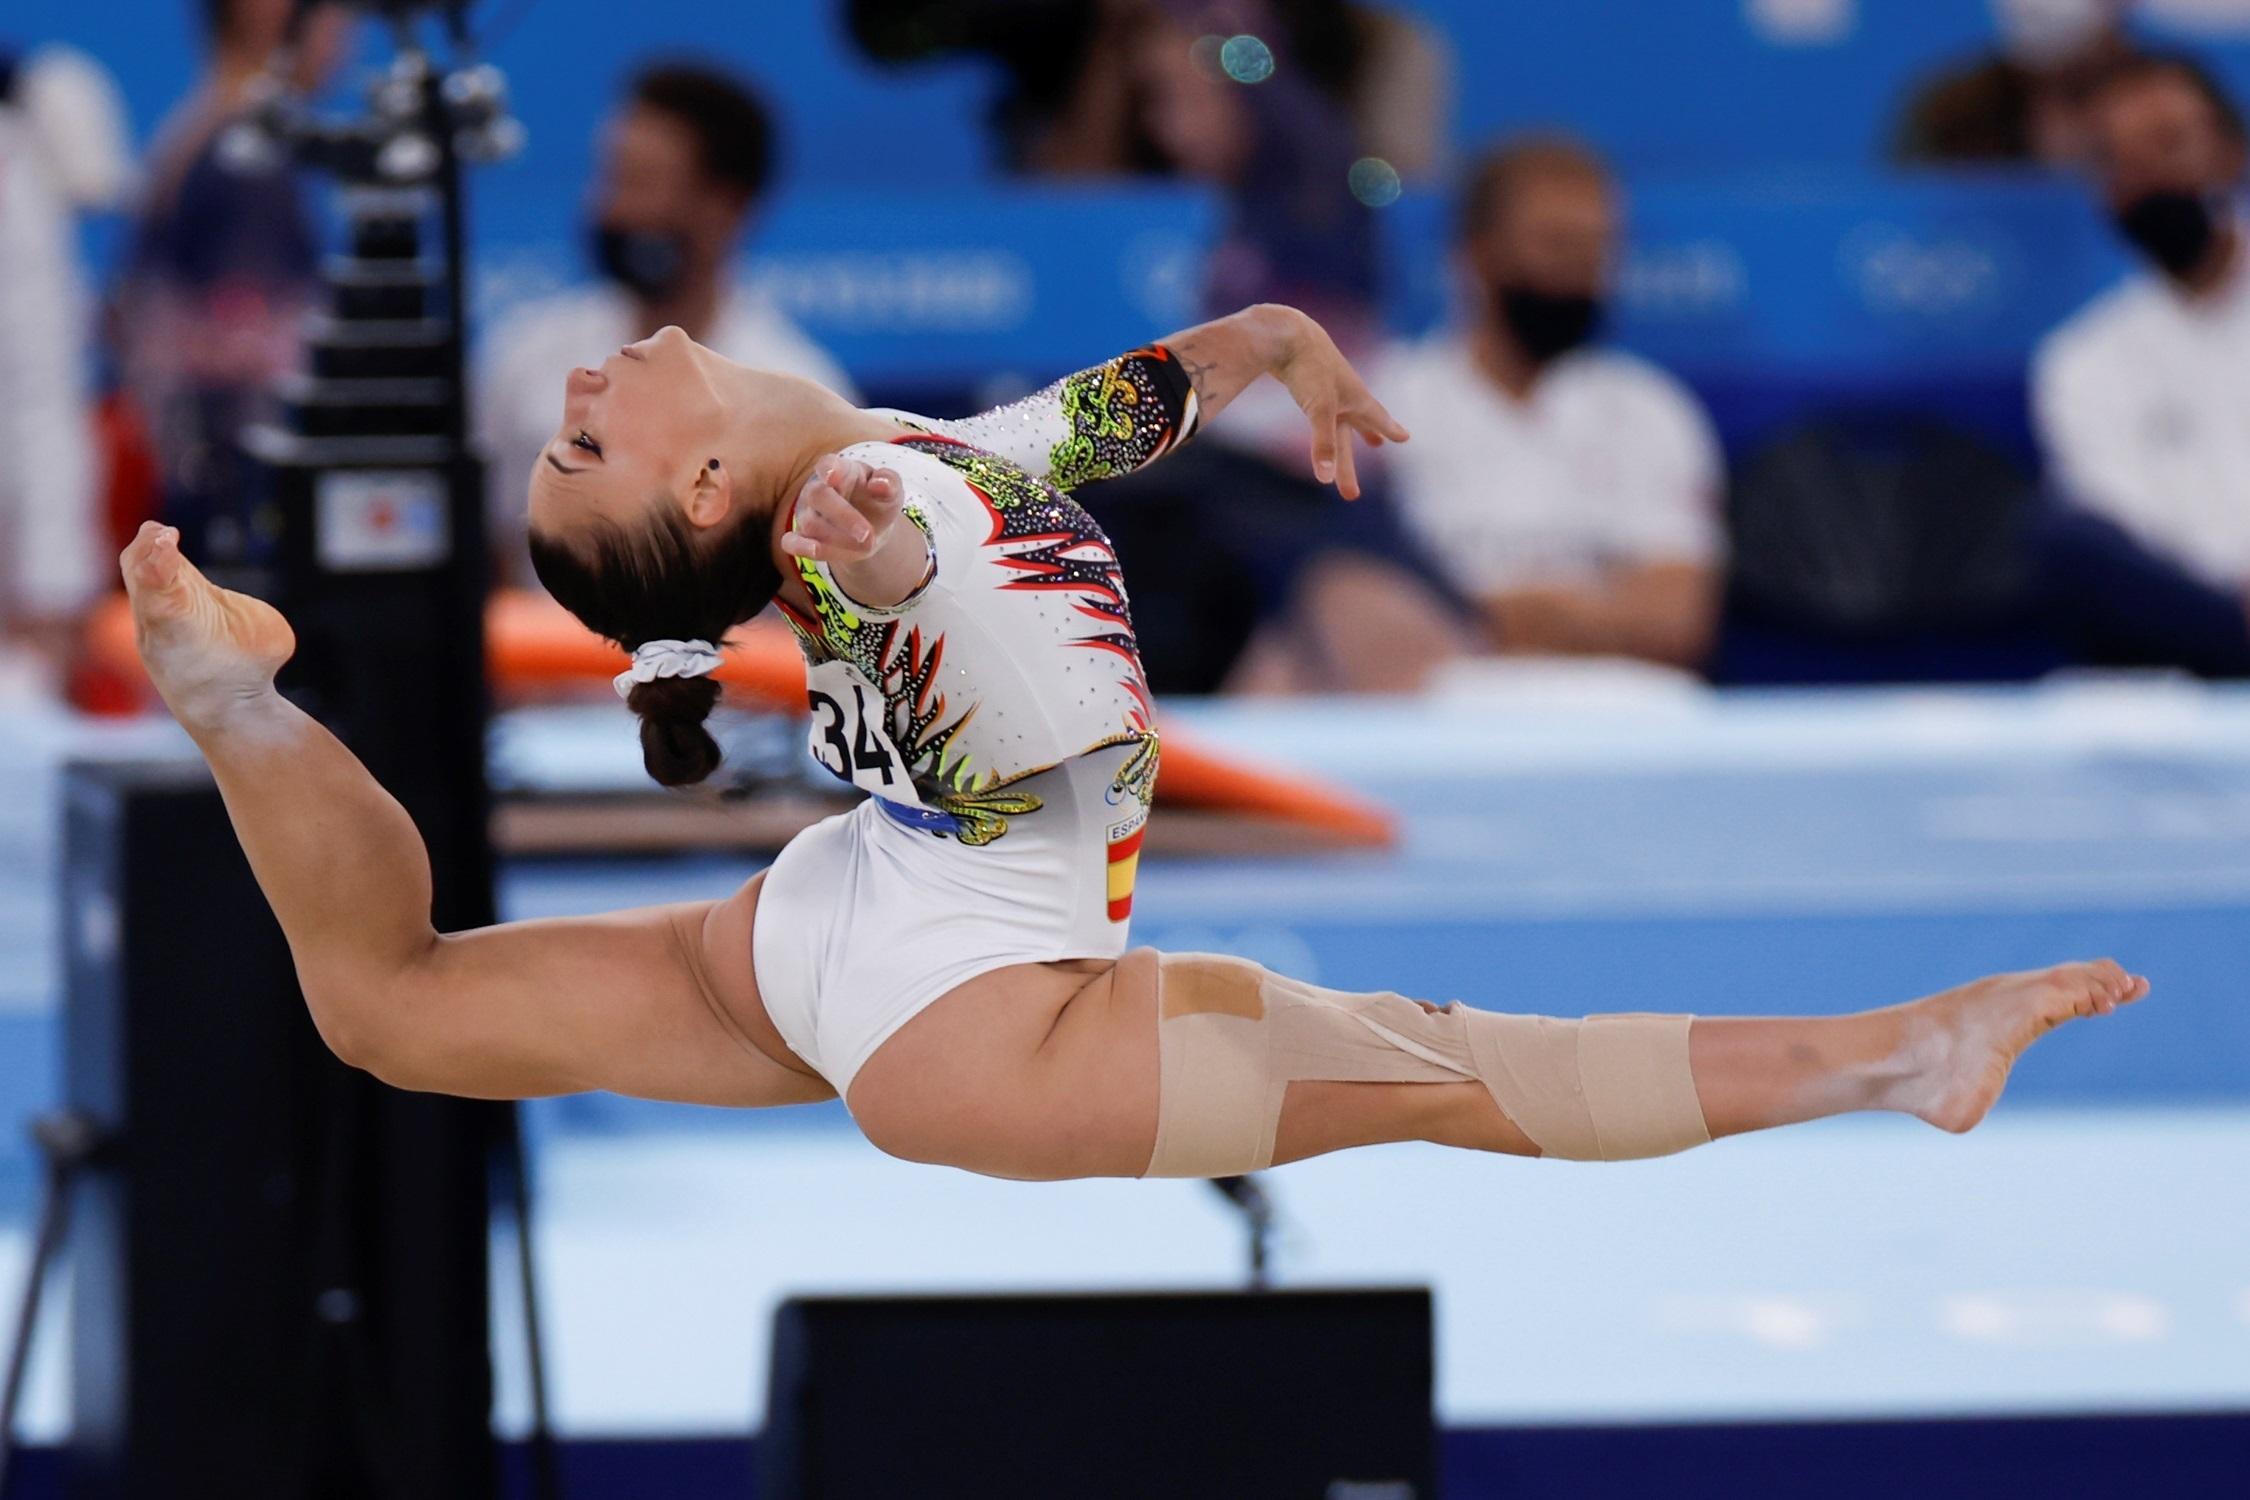 Roxana Popa España - Gimnasia artística - Juegos Olímpicos 2021 - Tokio 2020